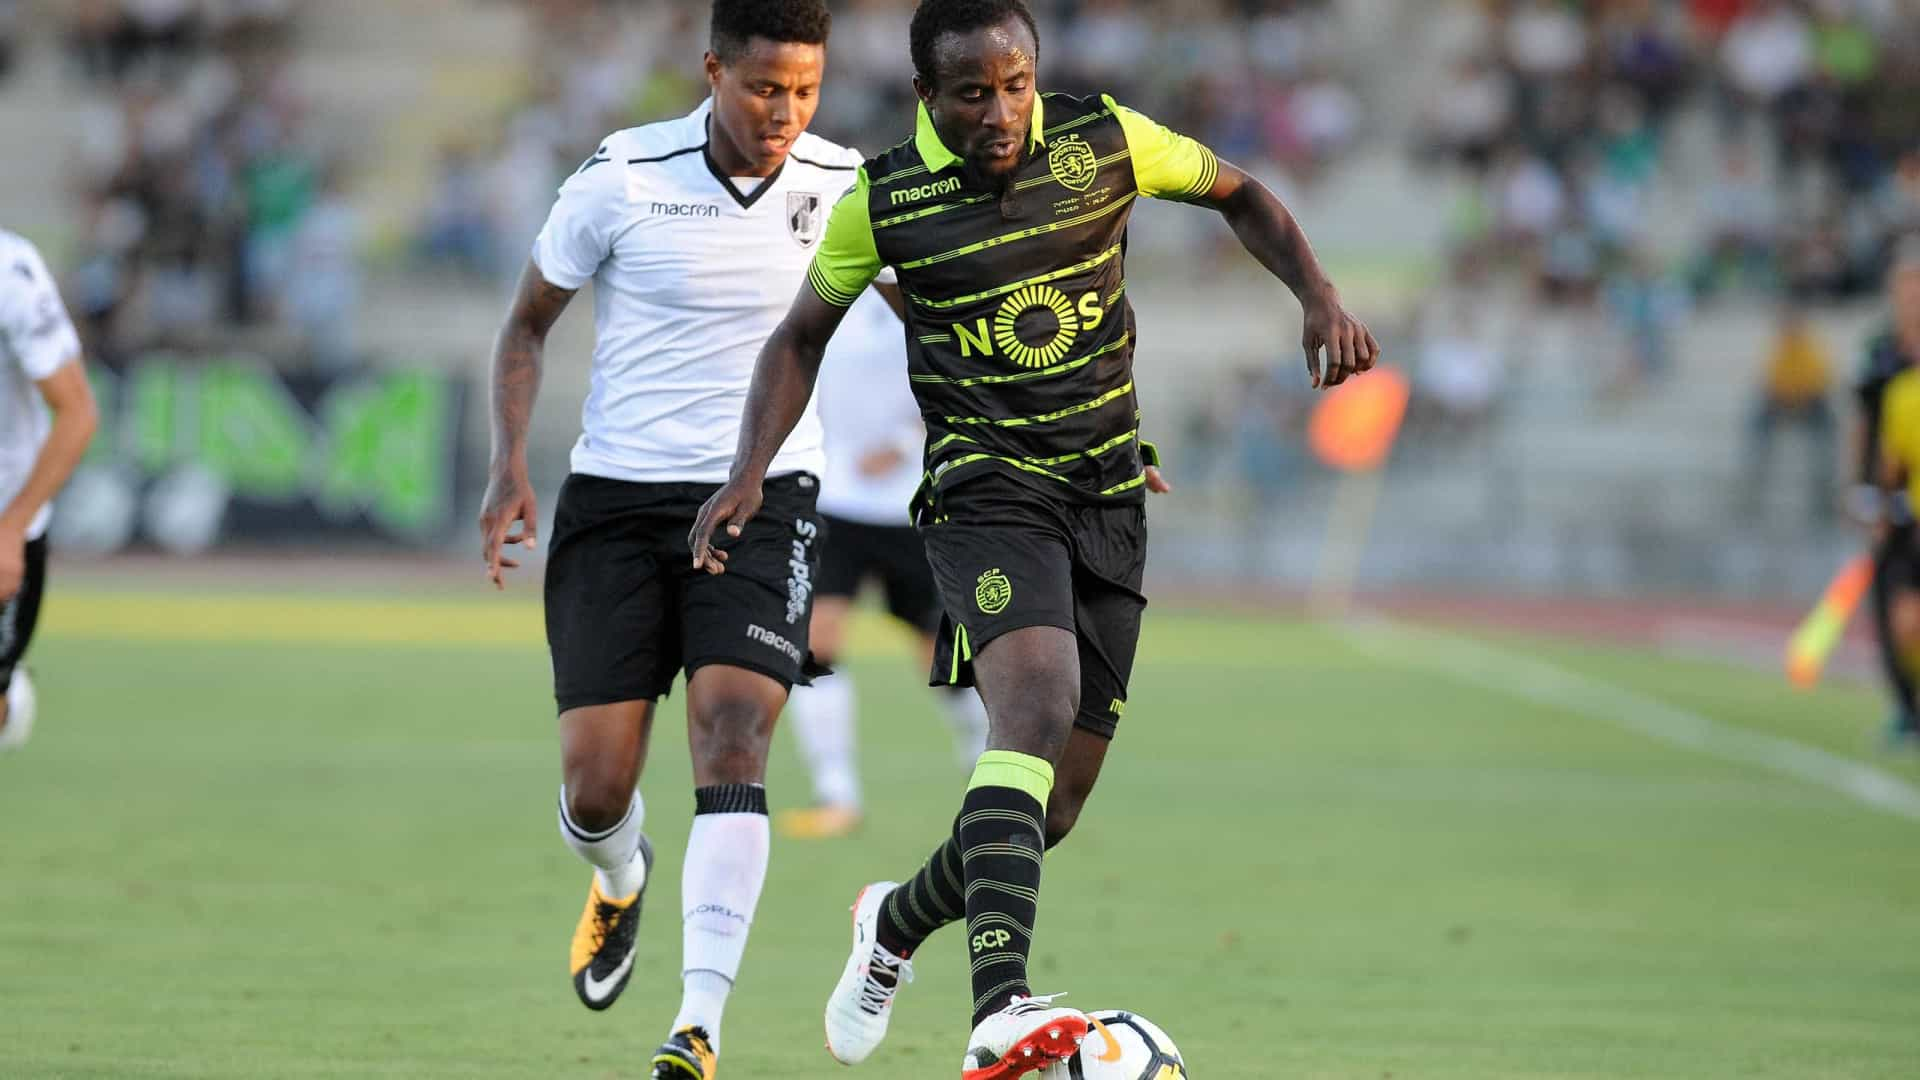 Vitória goleou Sporting em Rio Maior (3-0)